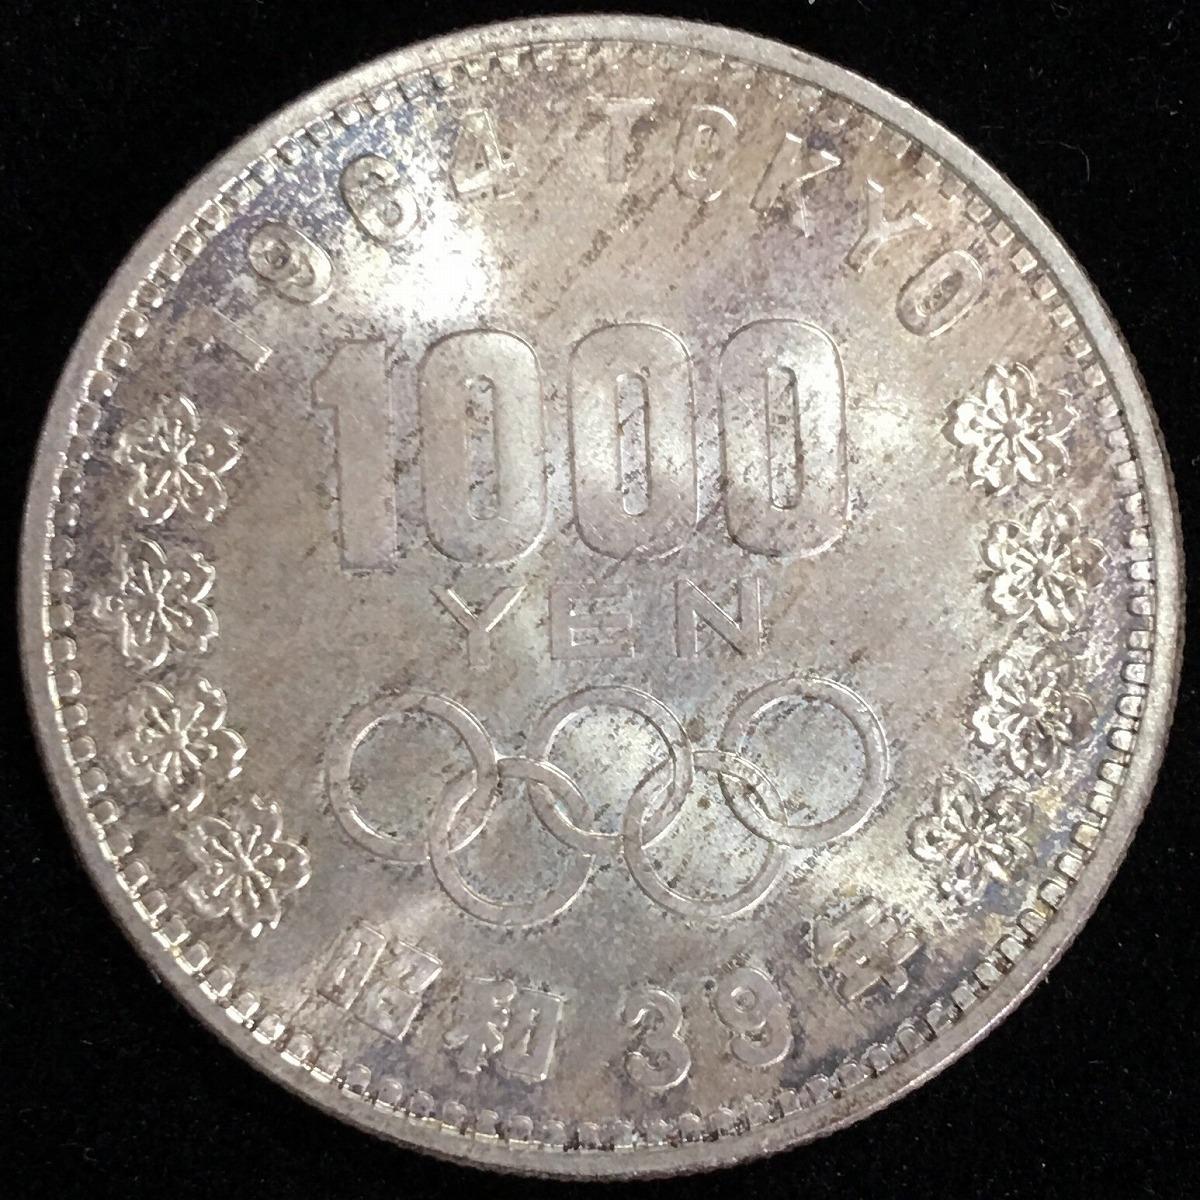 1964 記念 硬貨 東京 オリンピック